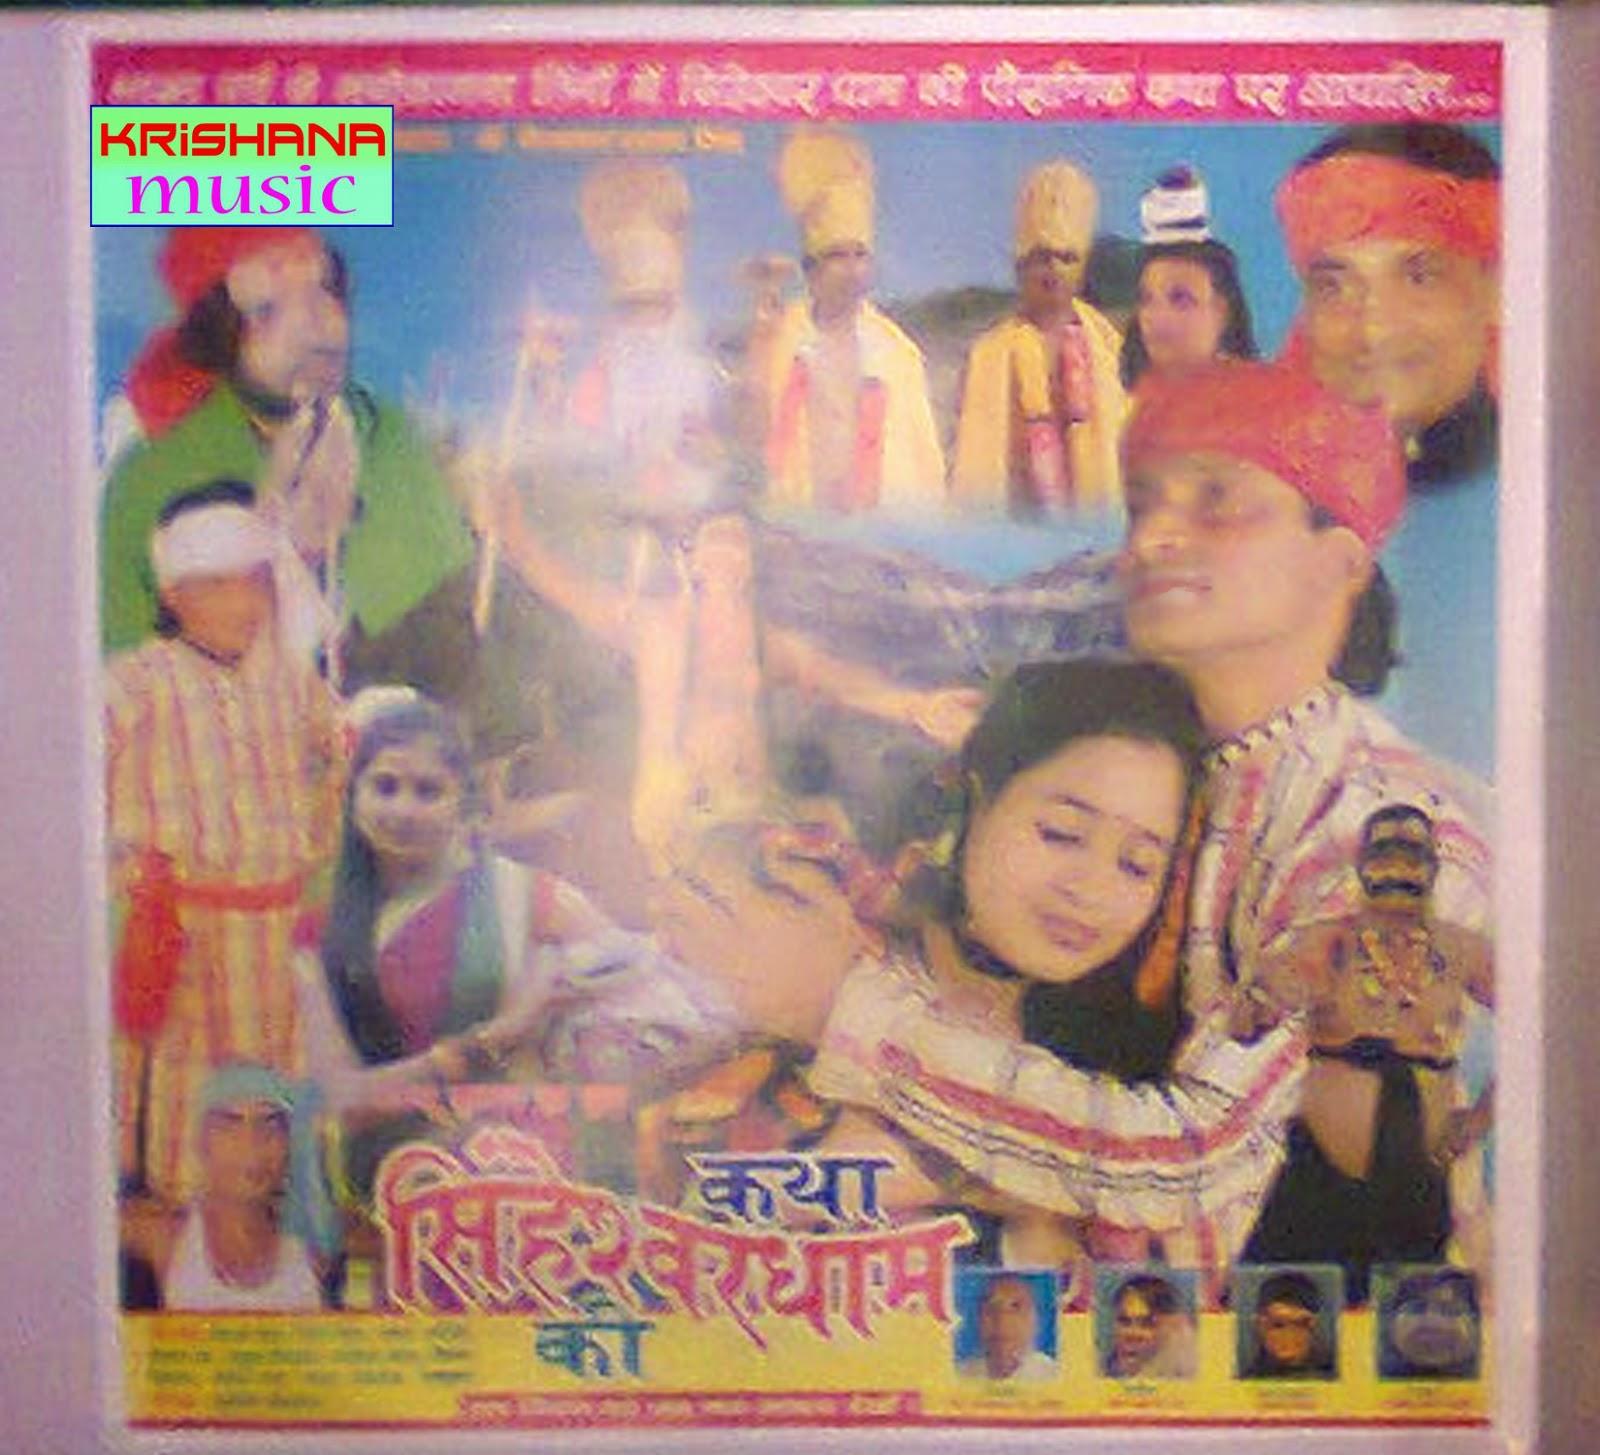 katha singheshwar dham ki _ www.krishanamusic.com